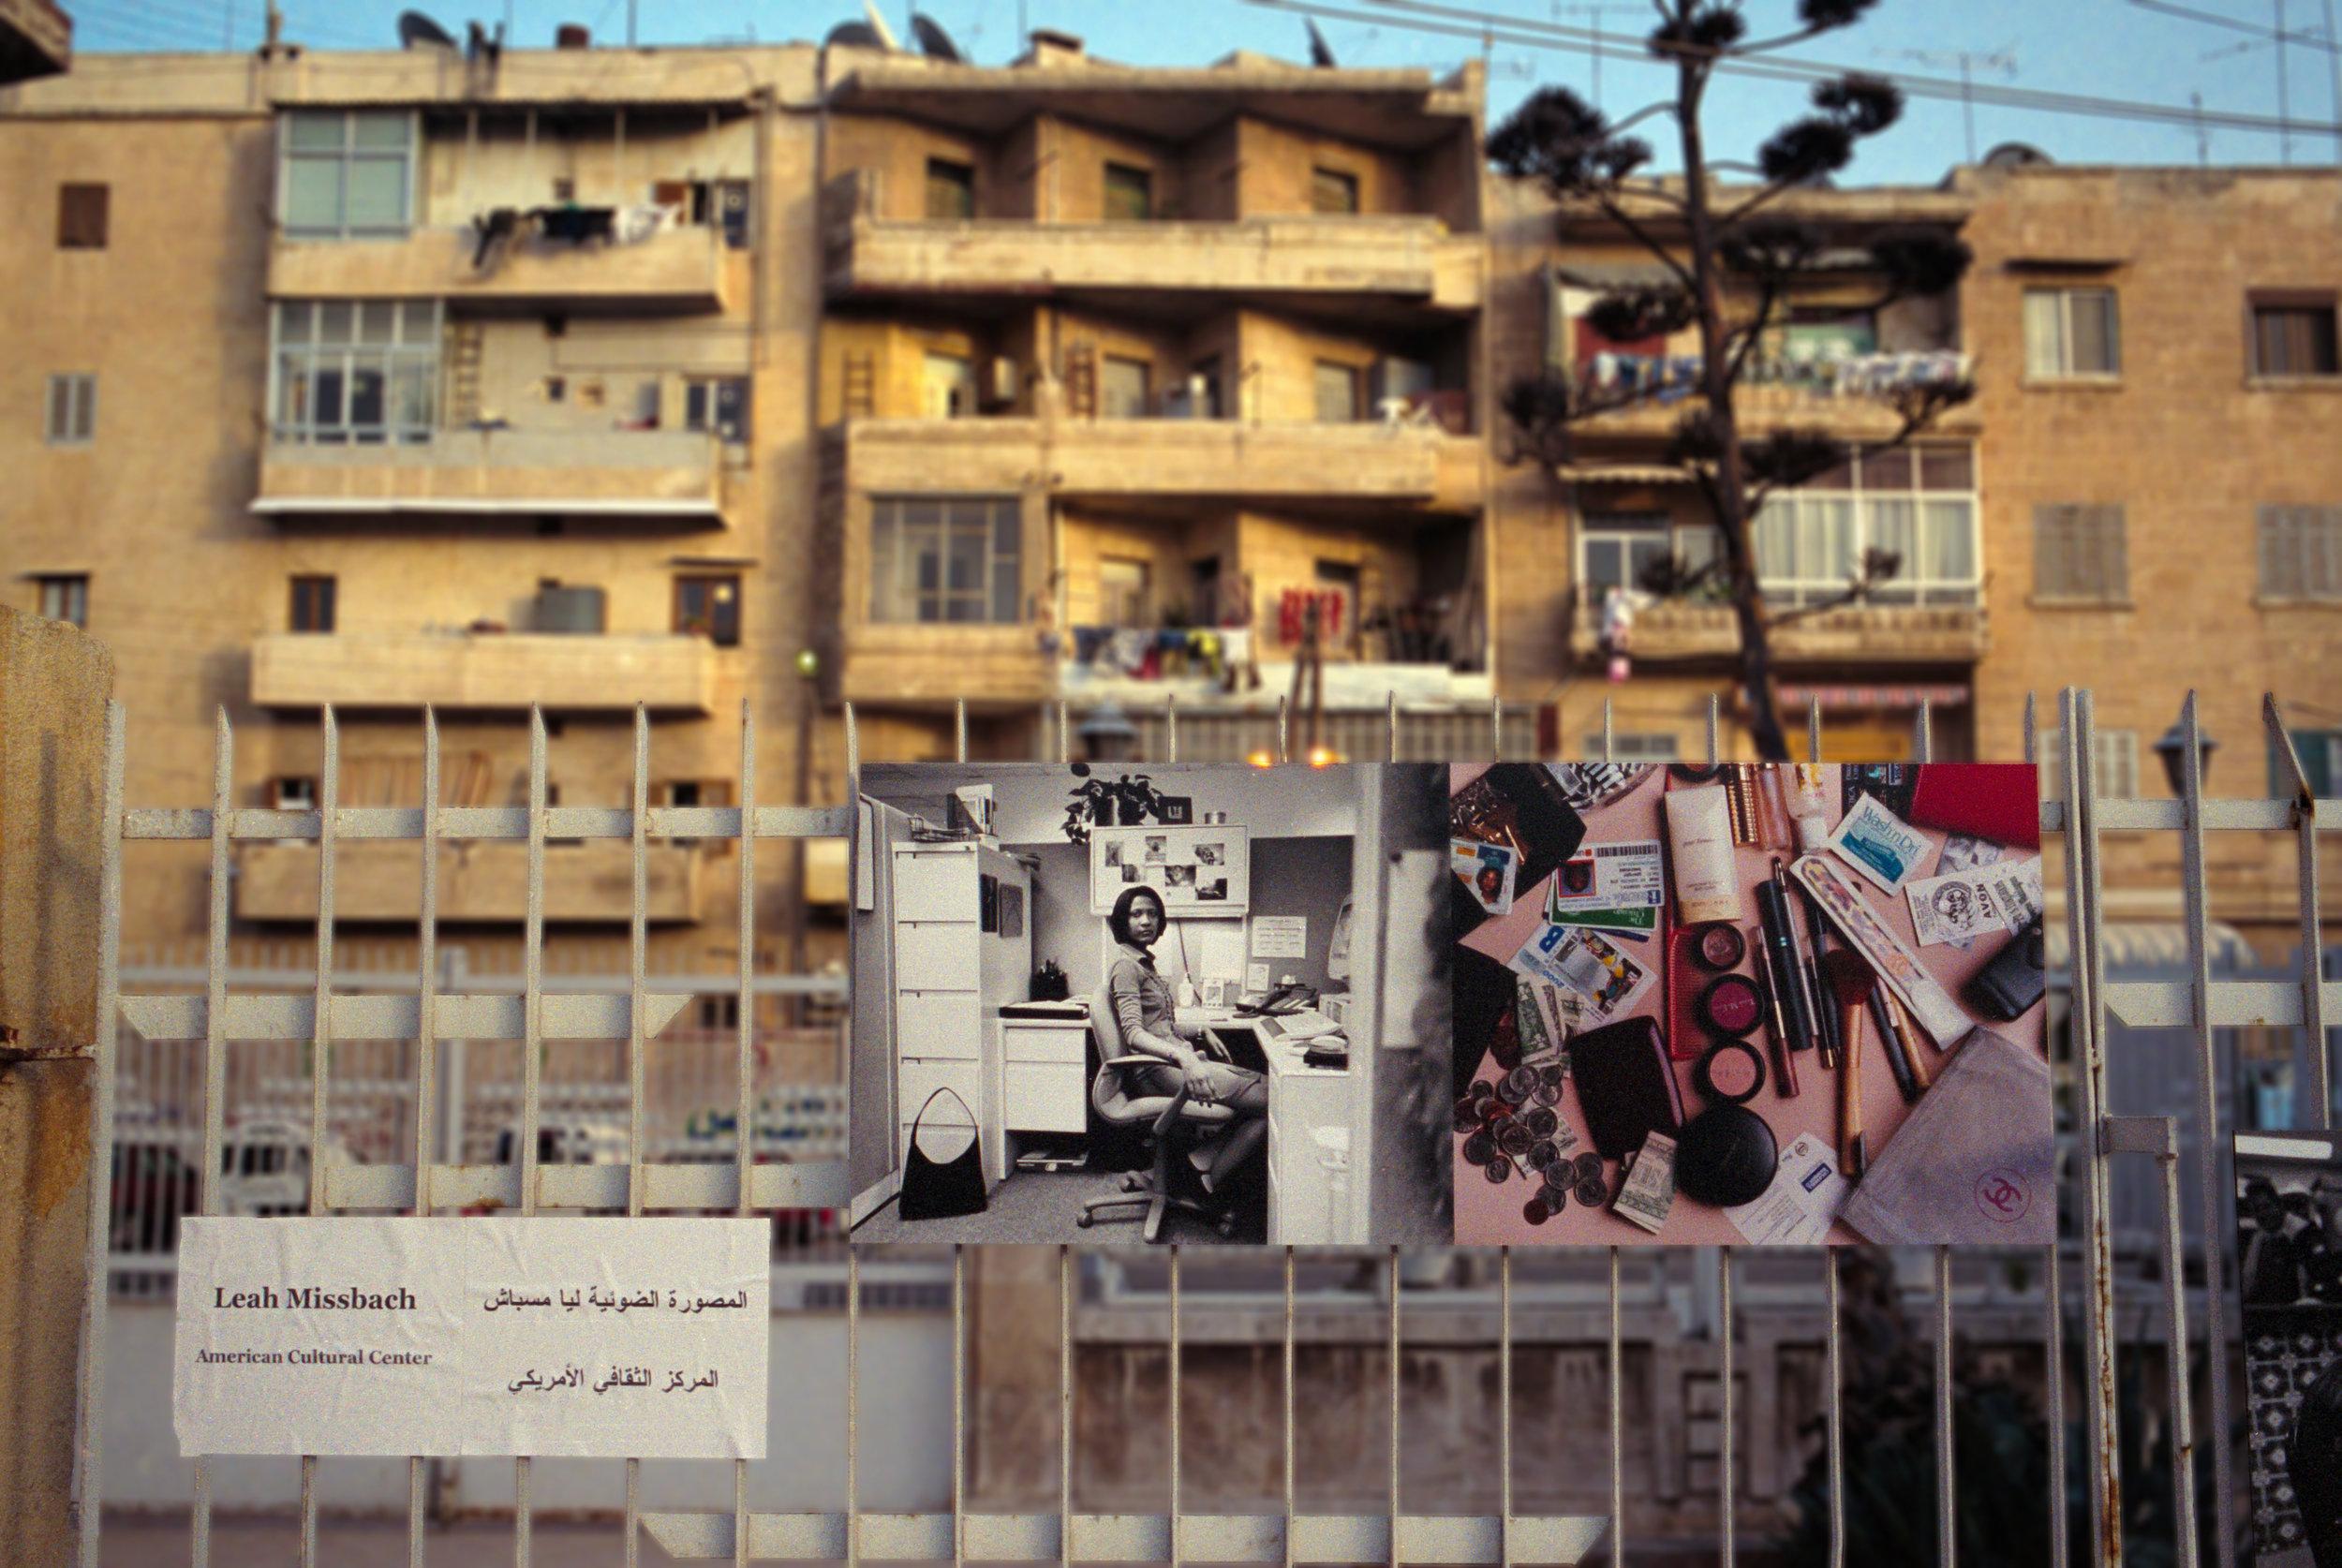 syria_color6_wdepthoffieldchglr.jpg